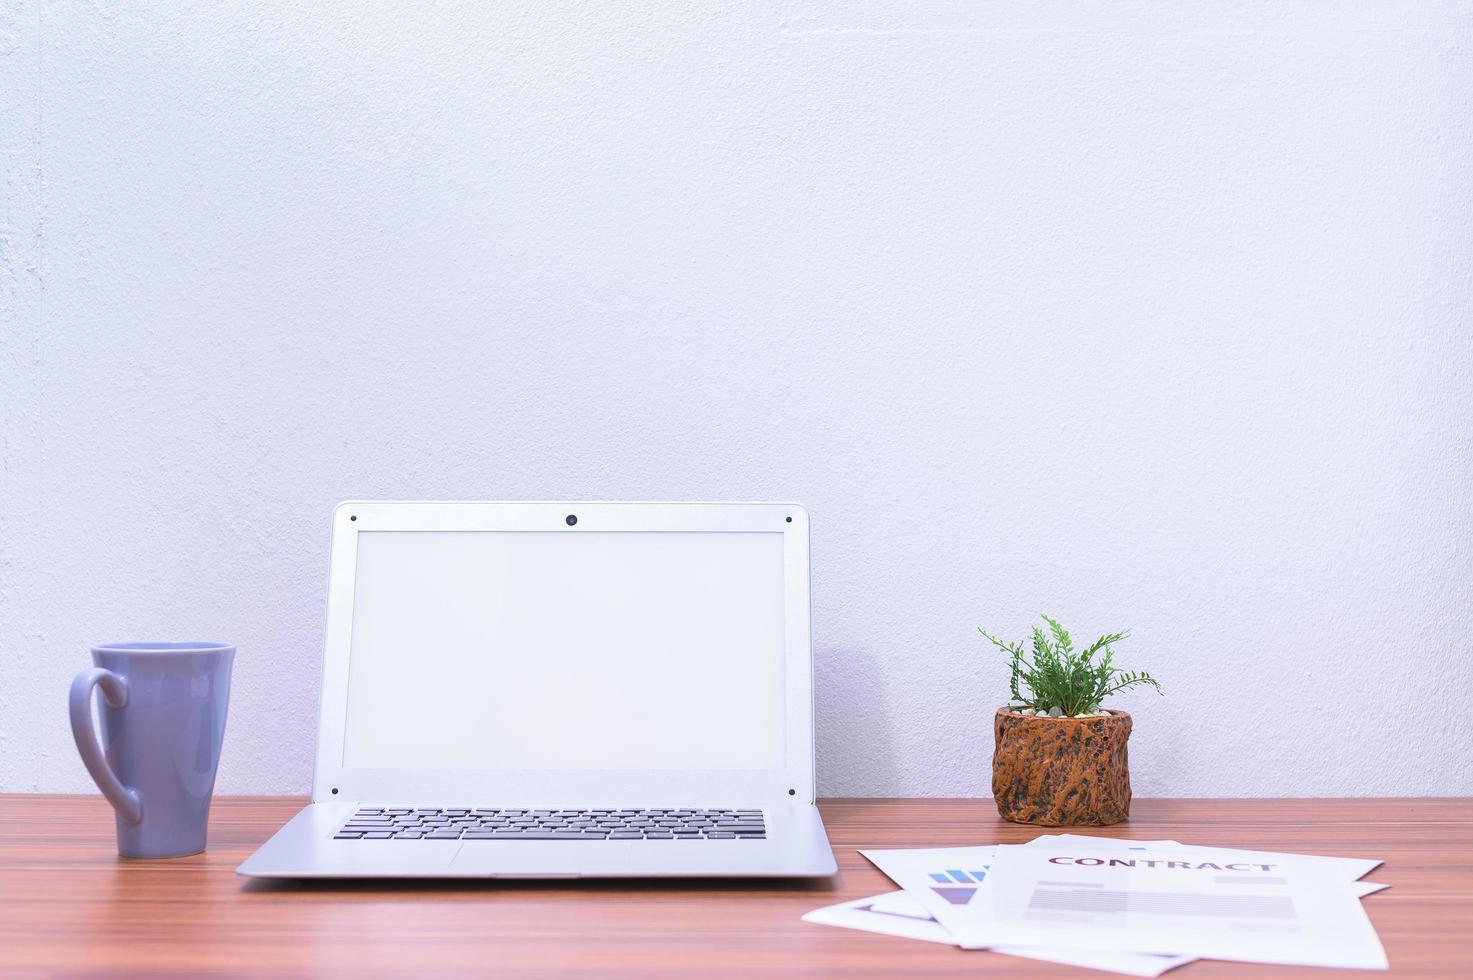 ordinateur portable et fleur sur le bureau photo